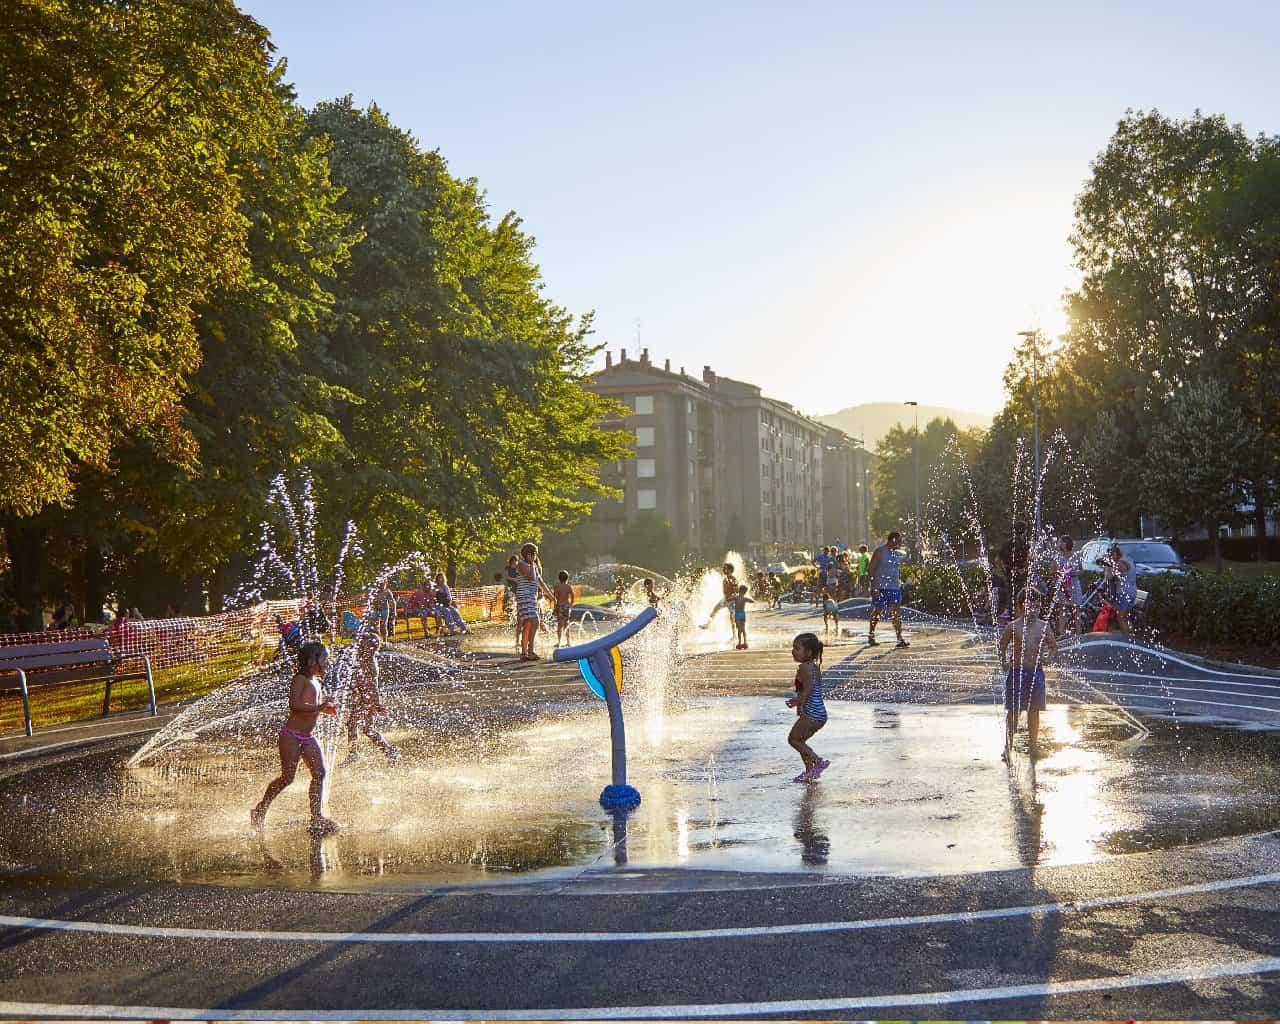 Parques de agua urbanos: una solución divertida y sostenible